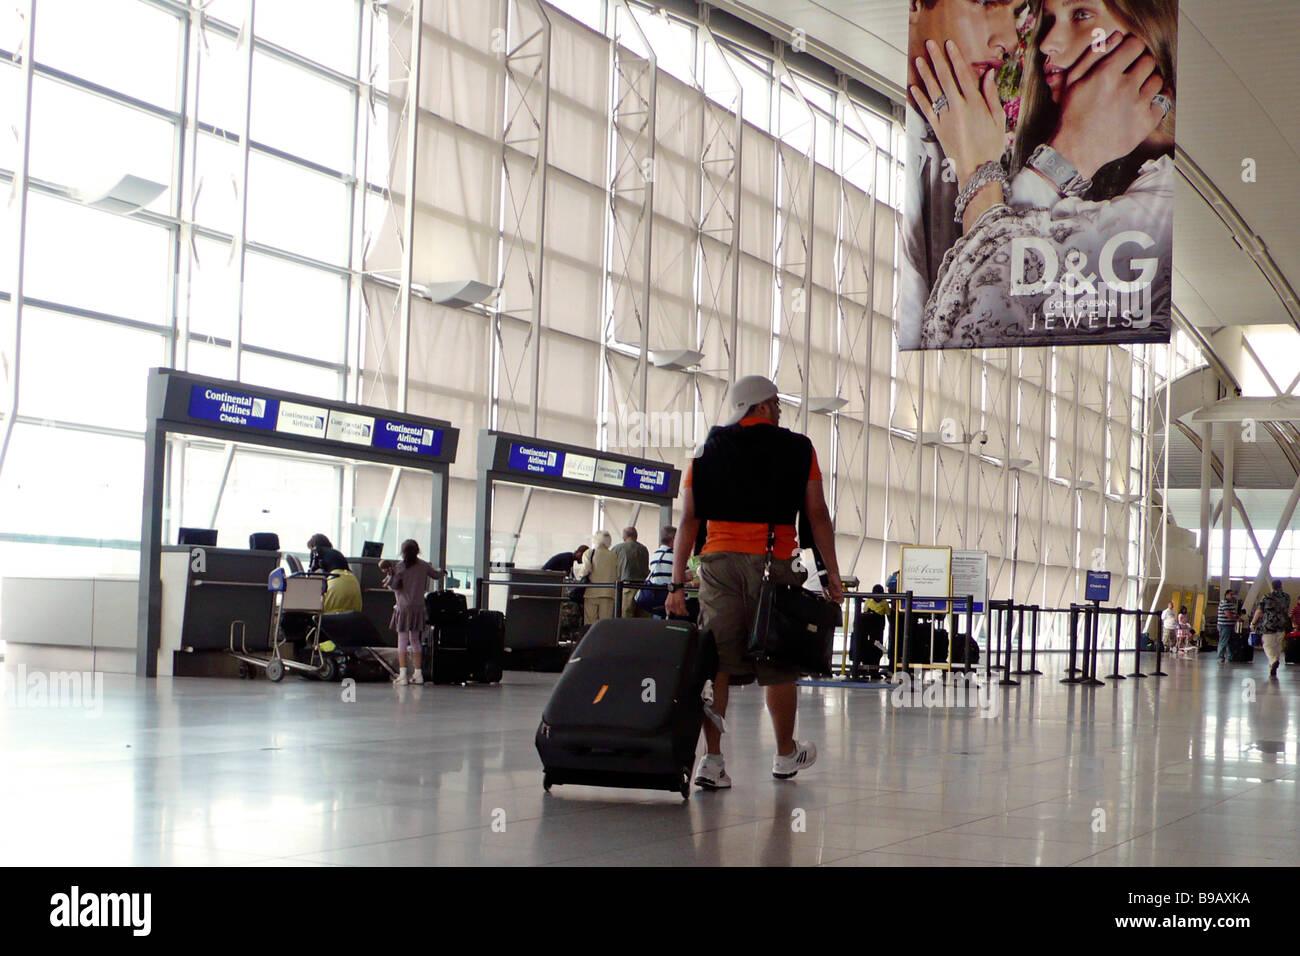 Aeroporto Jfk : Airport and fly aeroporto jfk new york stock photo: 22982718 alamy